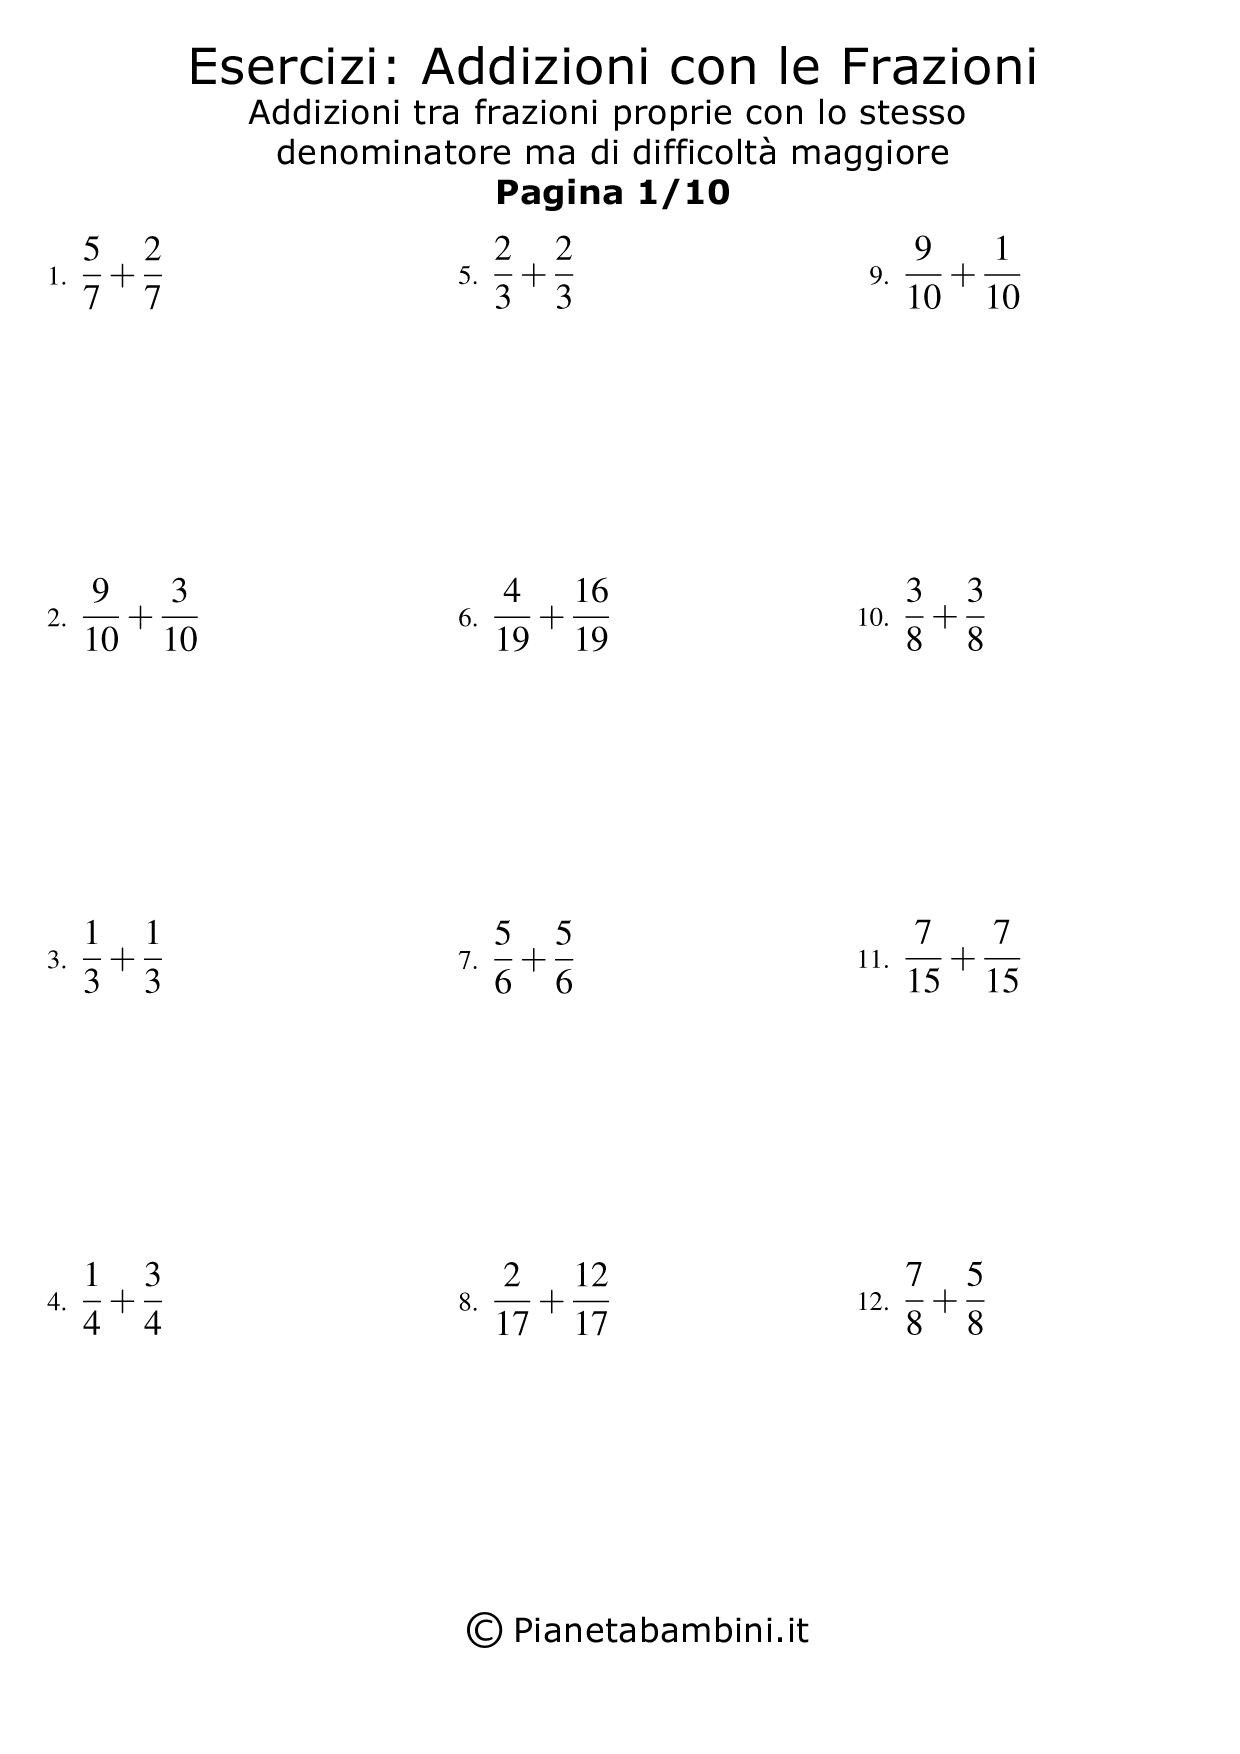 Addizioni-Frazioni-Stesso-Denominatore-Difficili_01